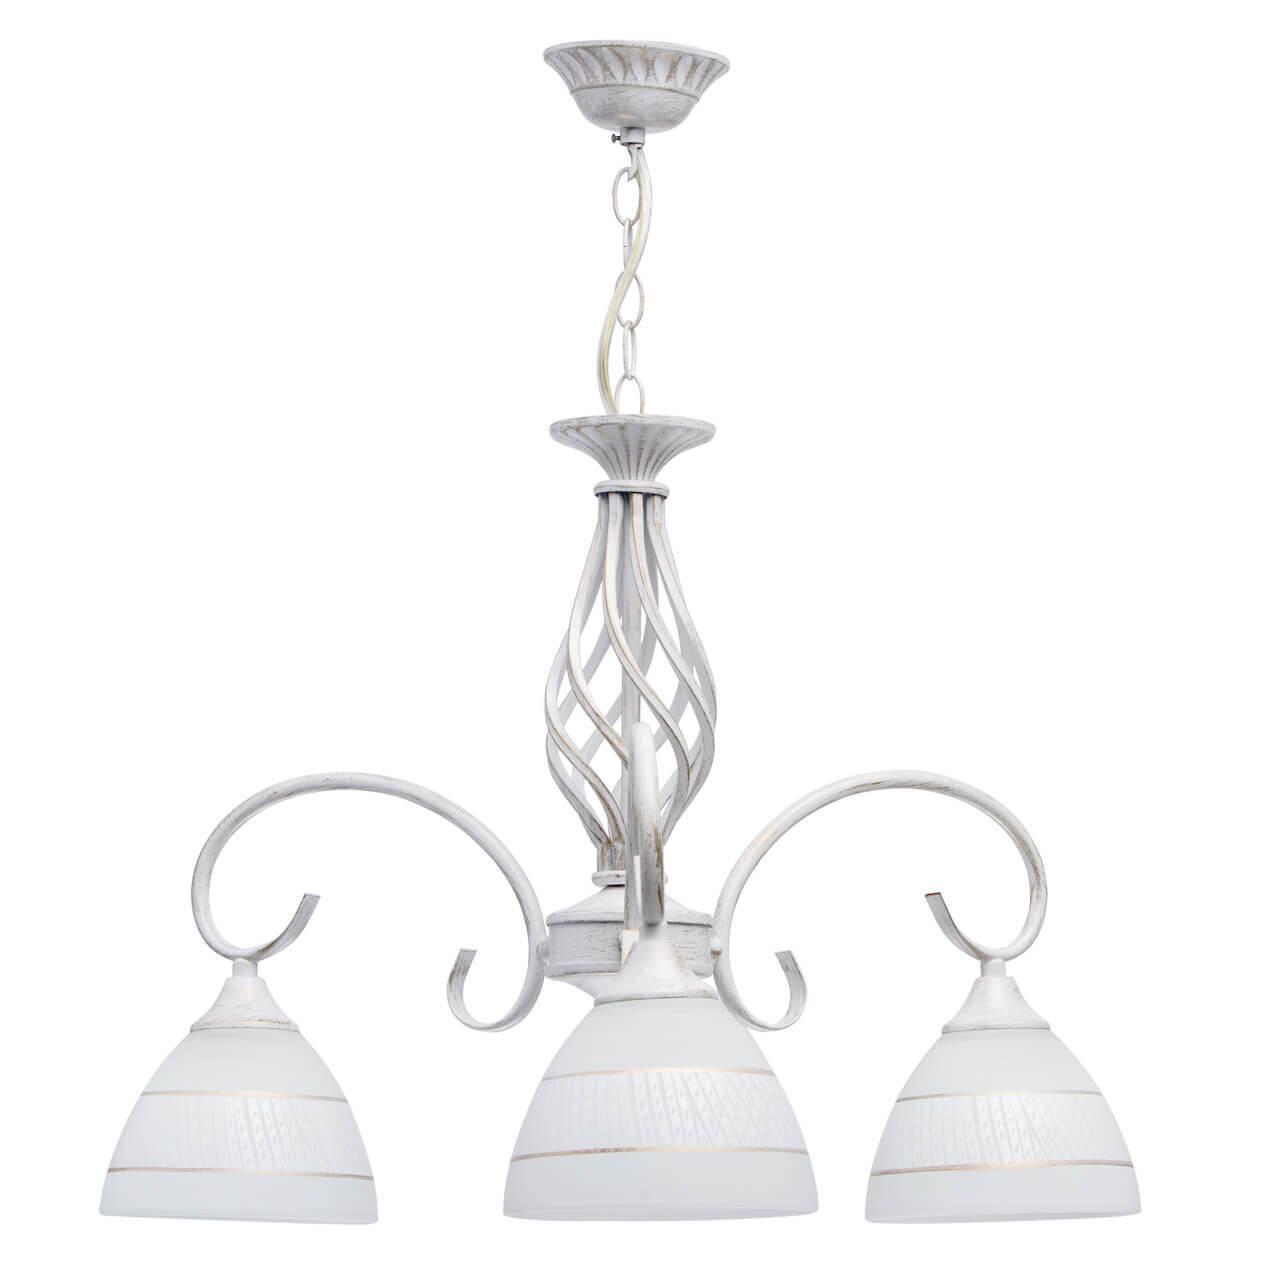 Подвесной светильник De Markt 450018103, E27, 40 Вт demarkt подвесная люстра de markt city ариадна 450017905